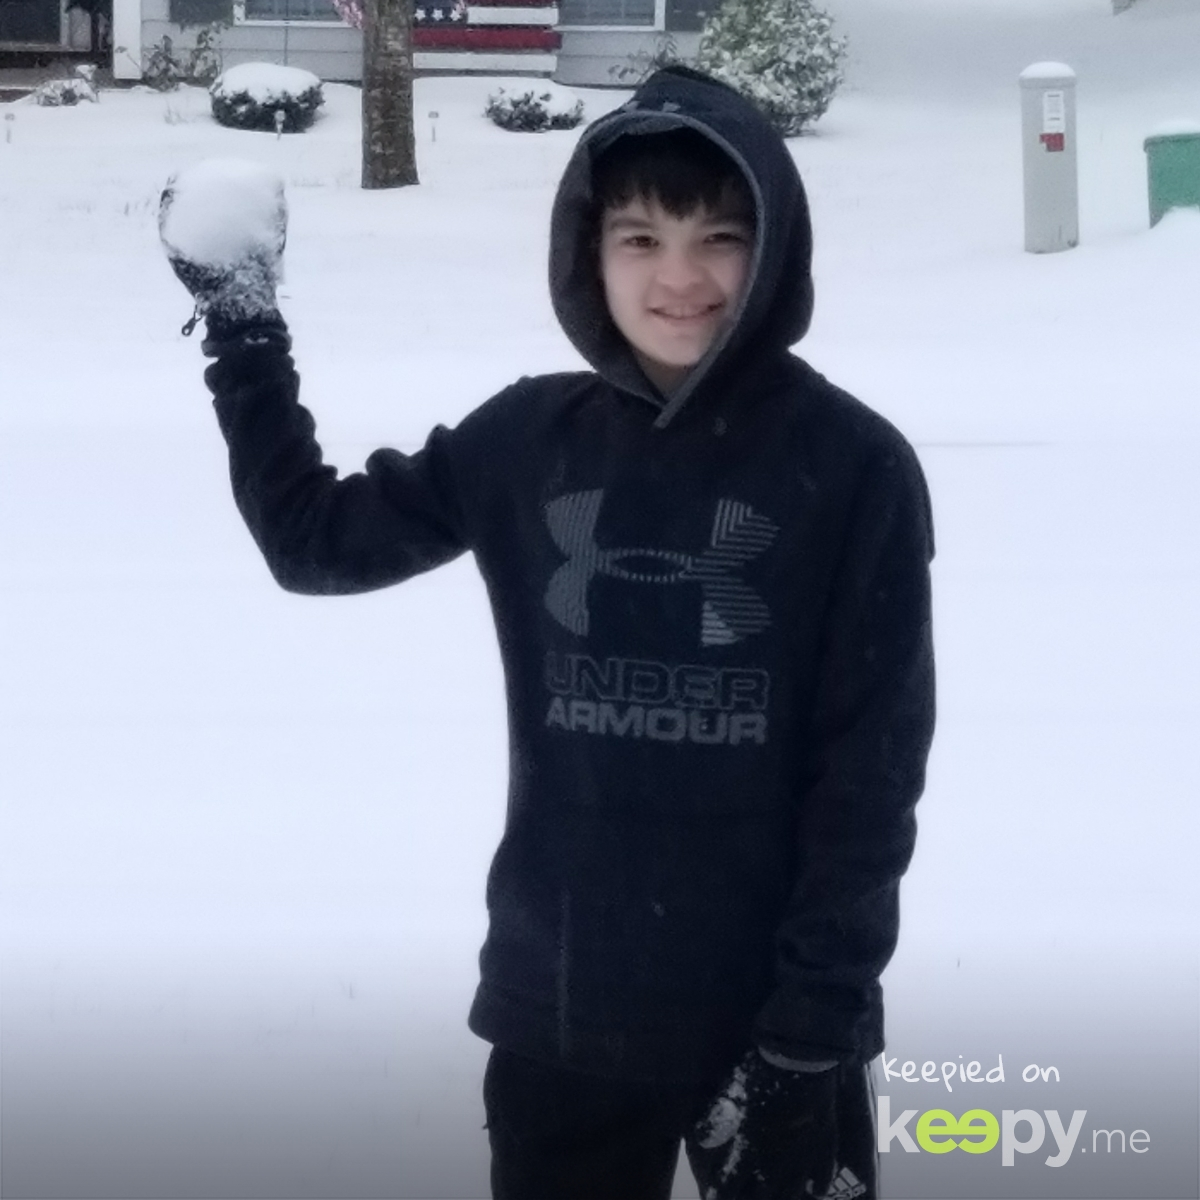 First snowball